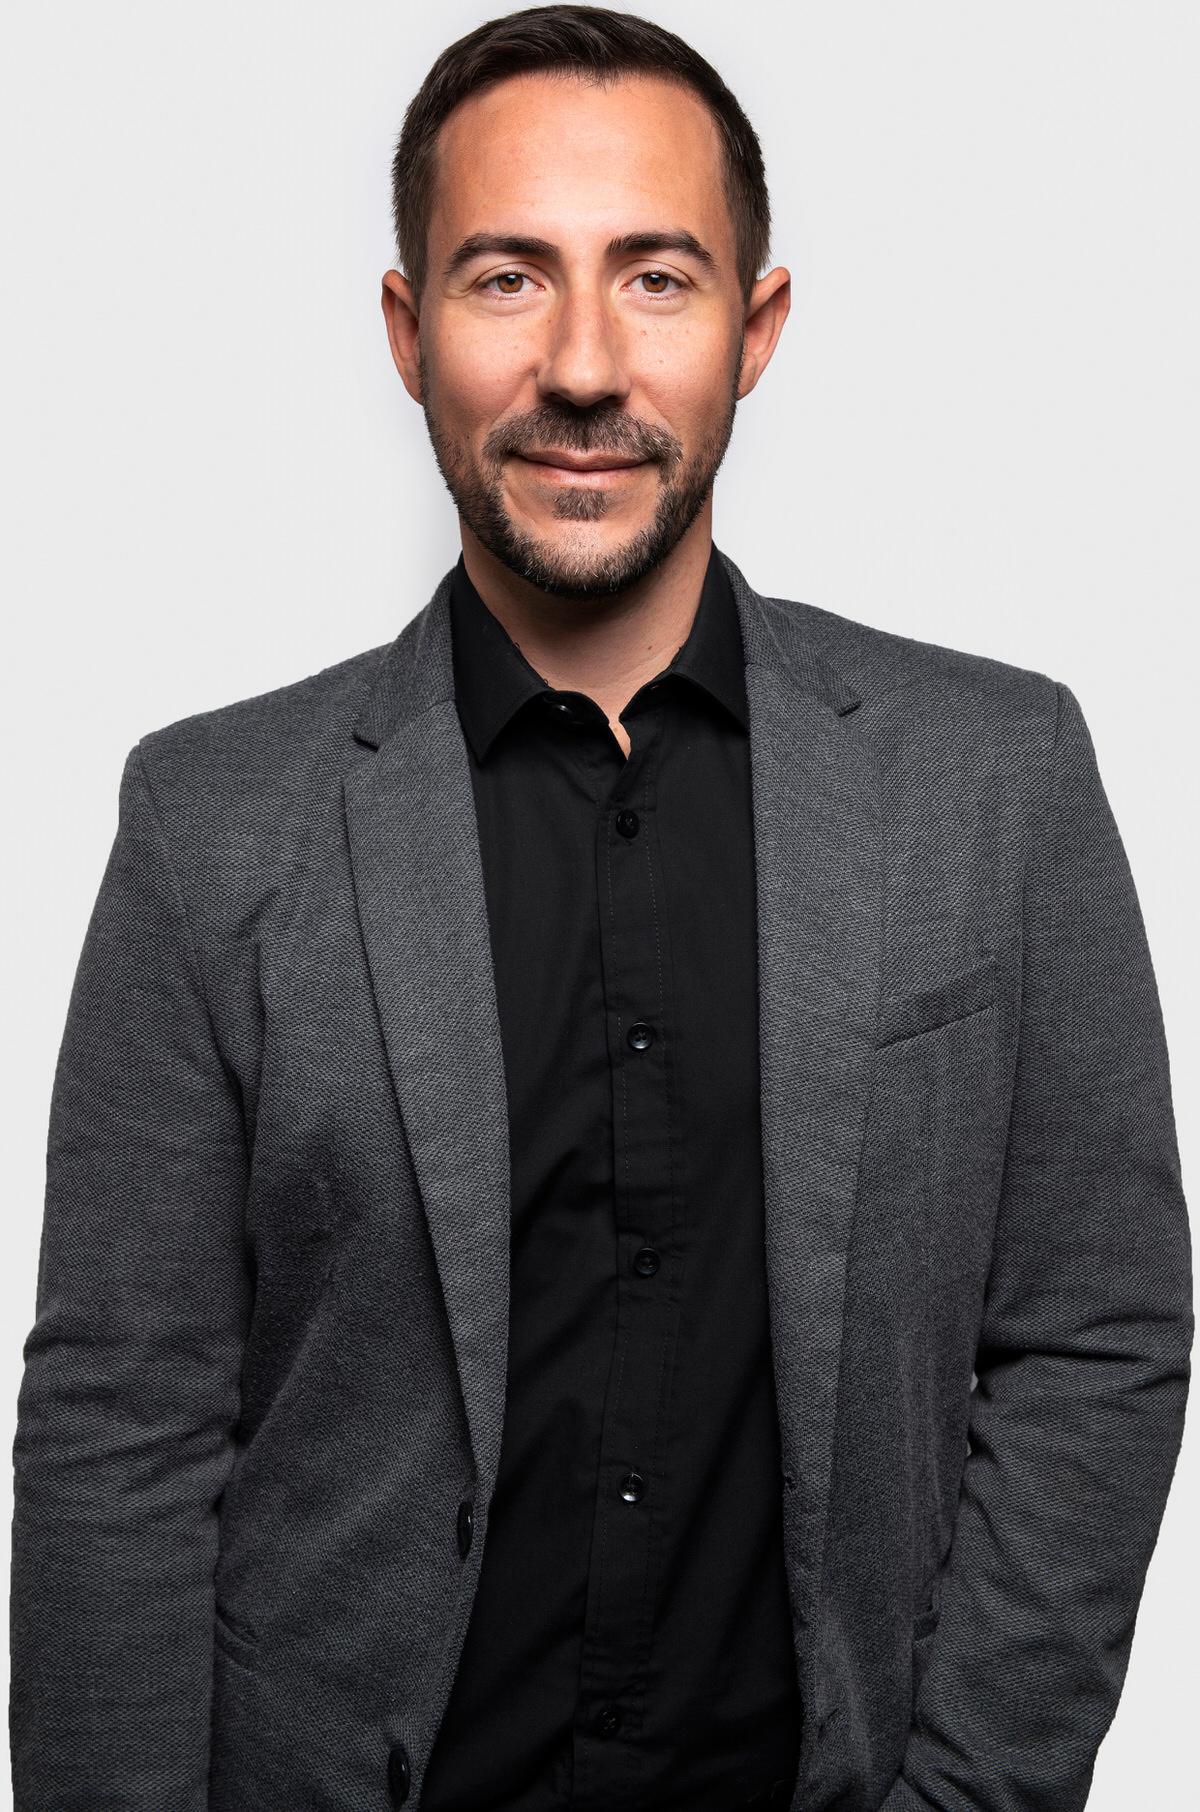 Psicólogo en Madrid: José Antonio Espinosa